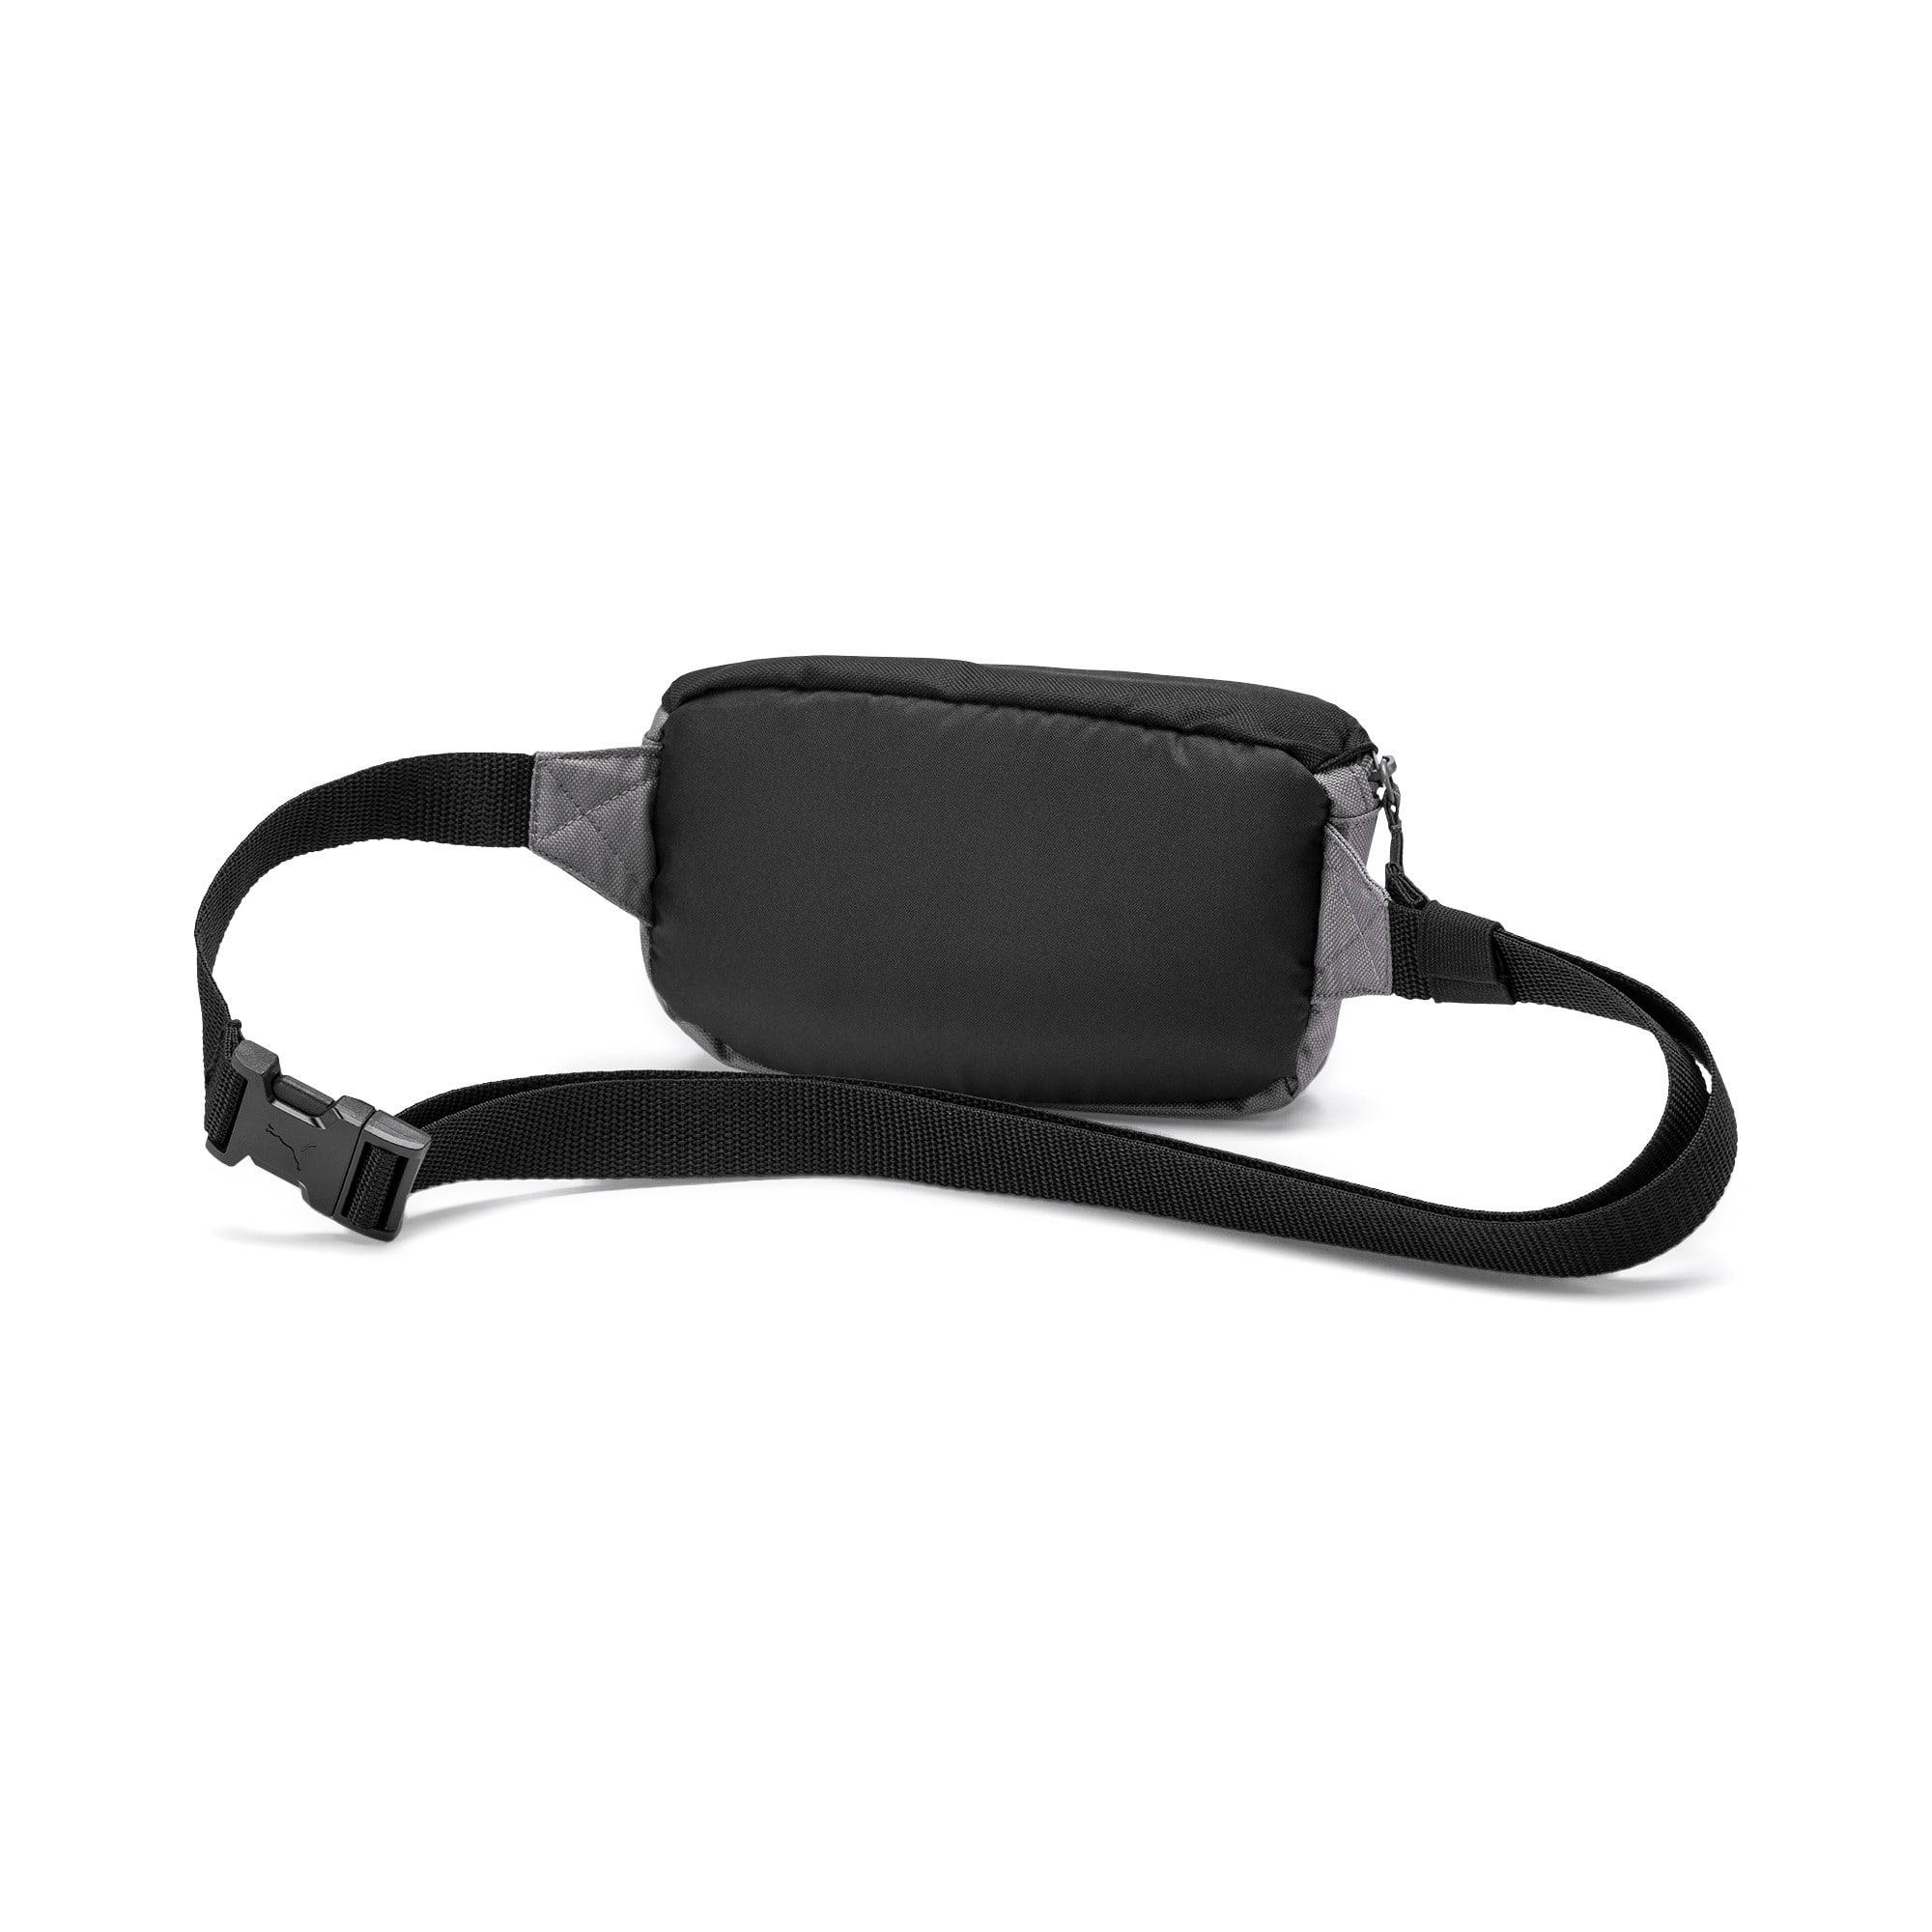 Thumbnail 2 of PUMA Plus Waist Bag II, CASTLEROCK-Puma Black, medium